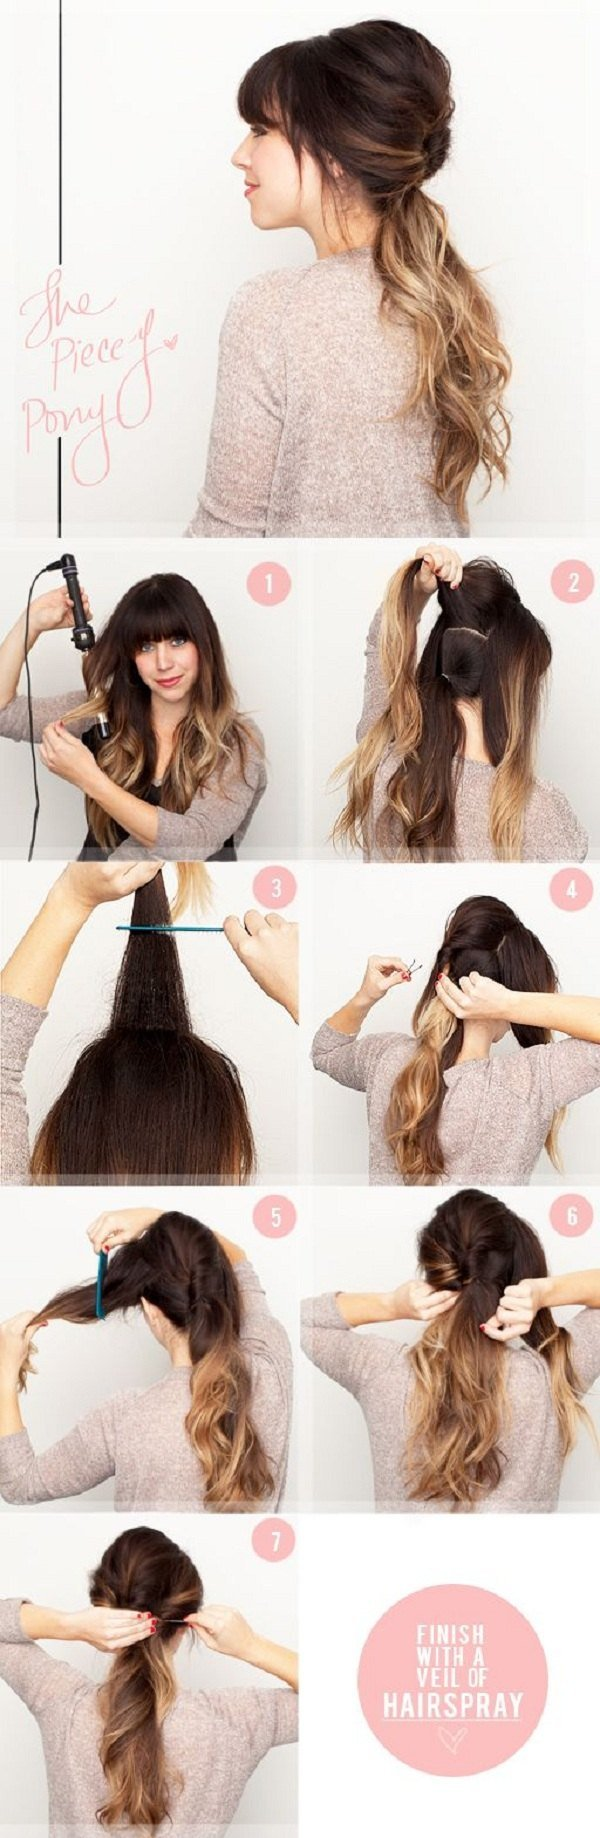 Прически на очень длинные волосы своими руками пошаговая инструкция фото